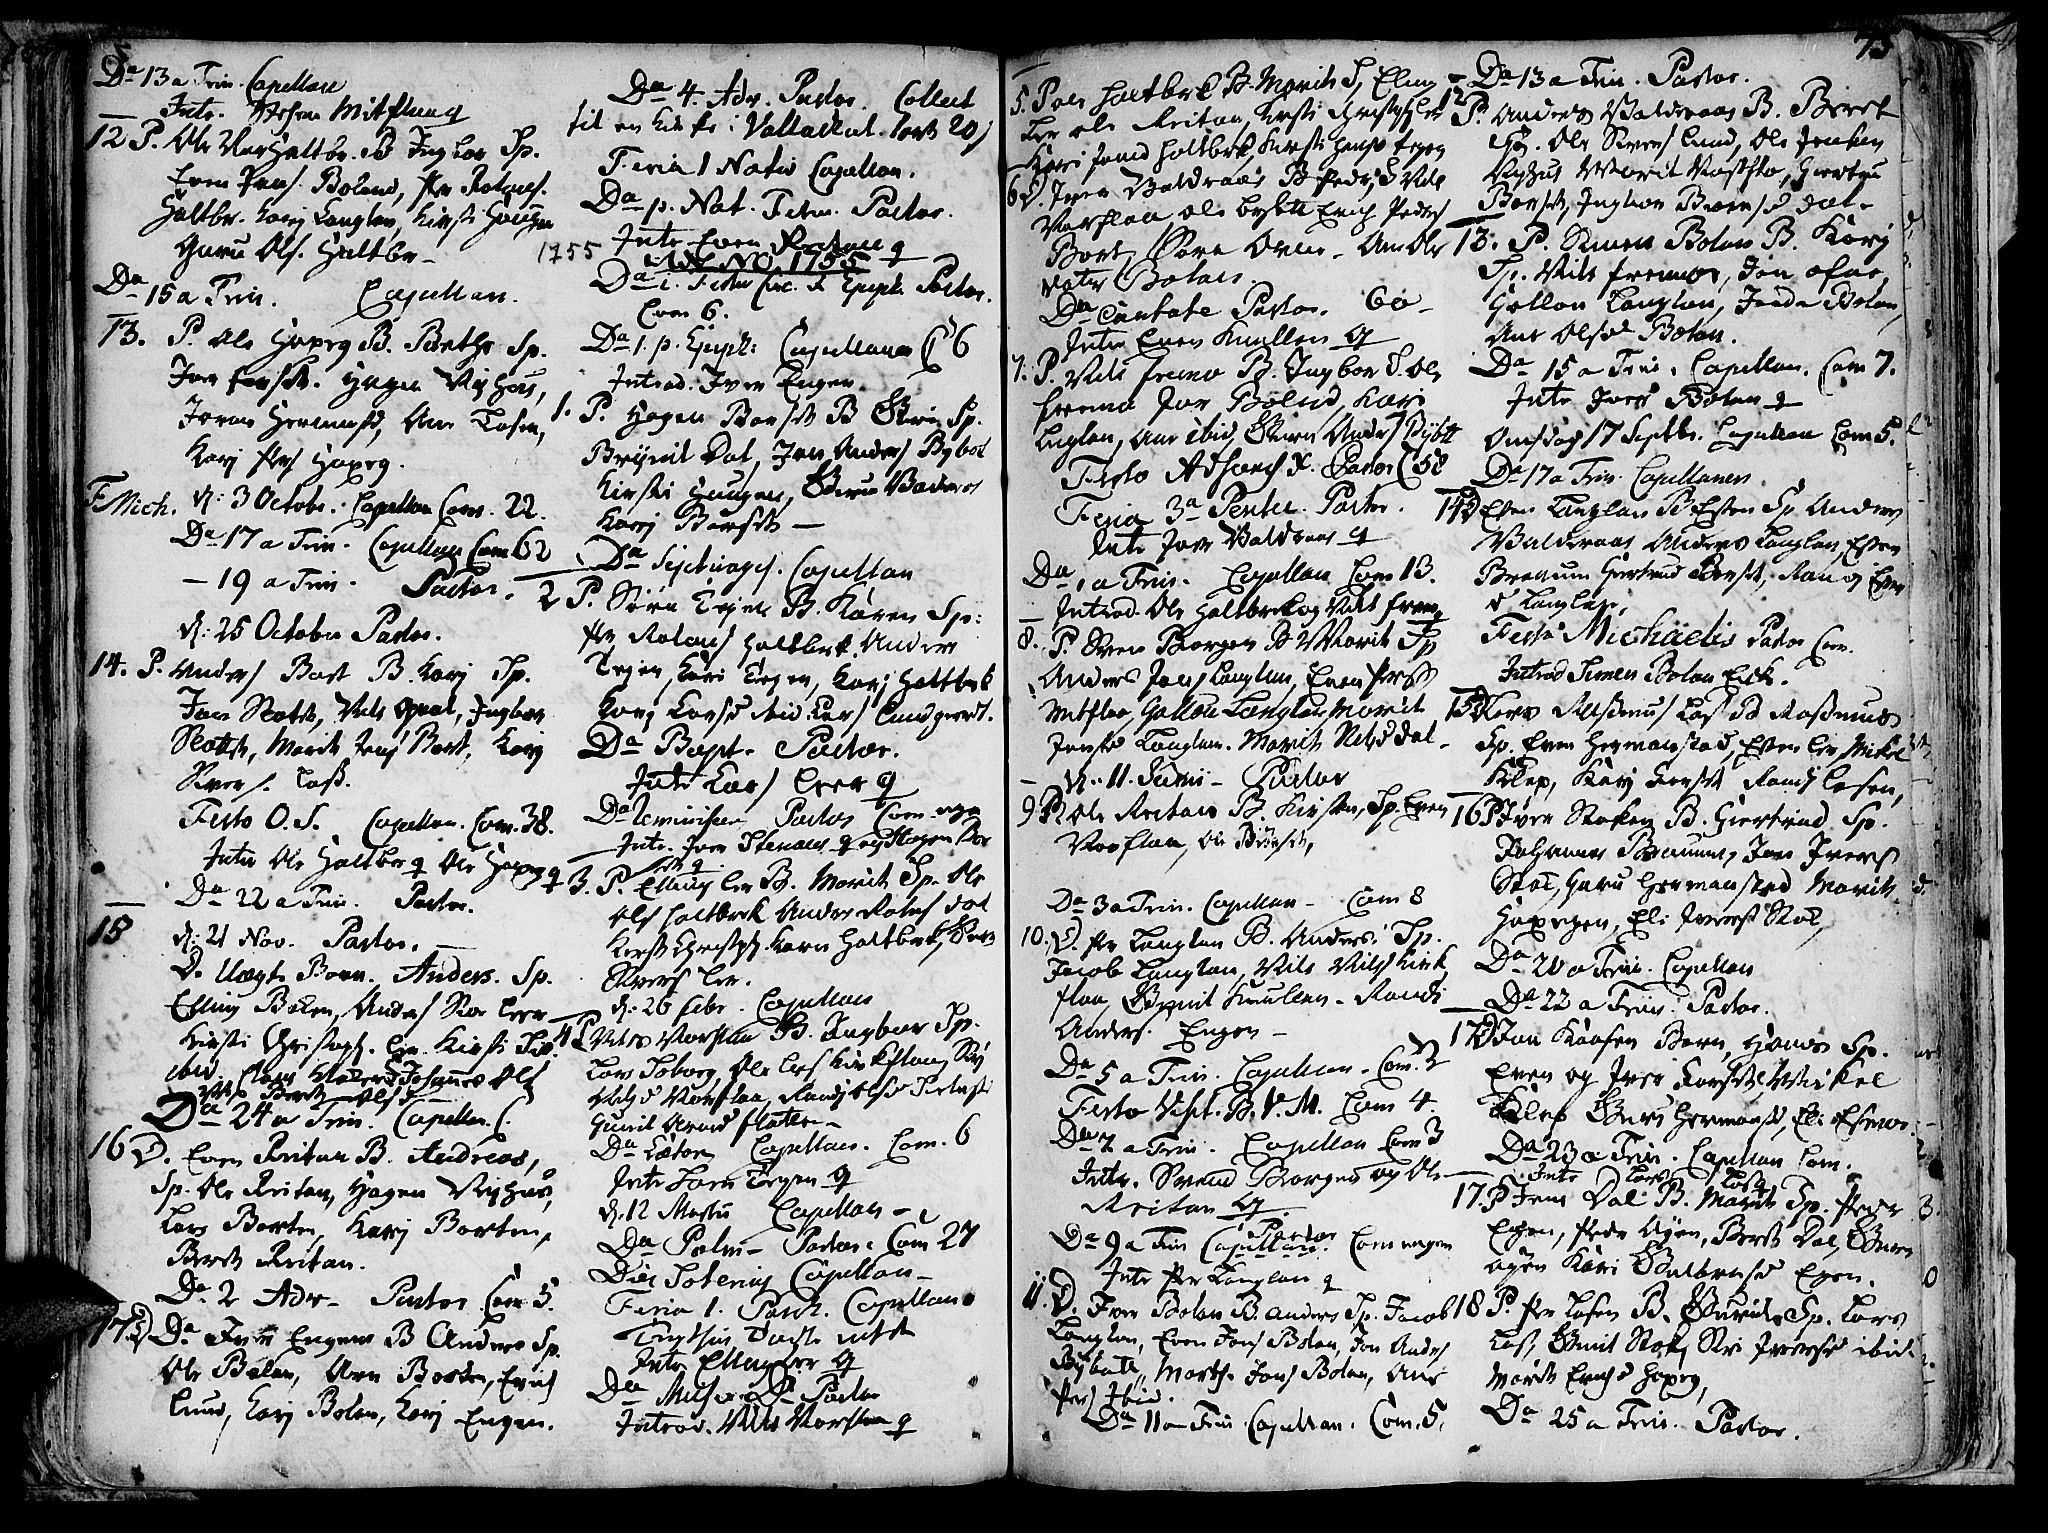 SAT, Ministerialprotokoller, klokkerbøker og fødselsregistre - Sør-Trøndelag, 691/L1058: Ministerialbok nr. 691A01 /2, 1740-1767, s. 73